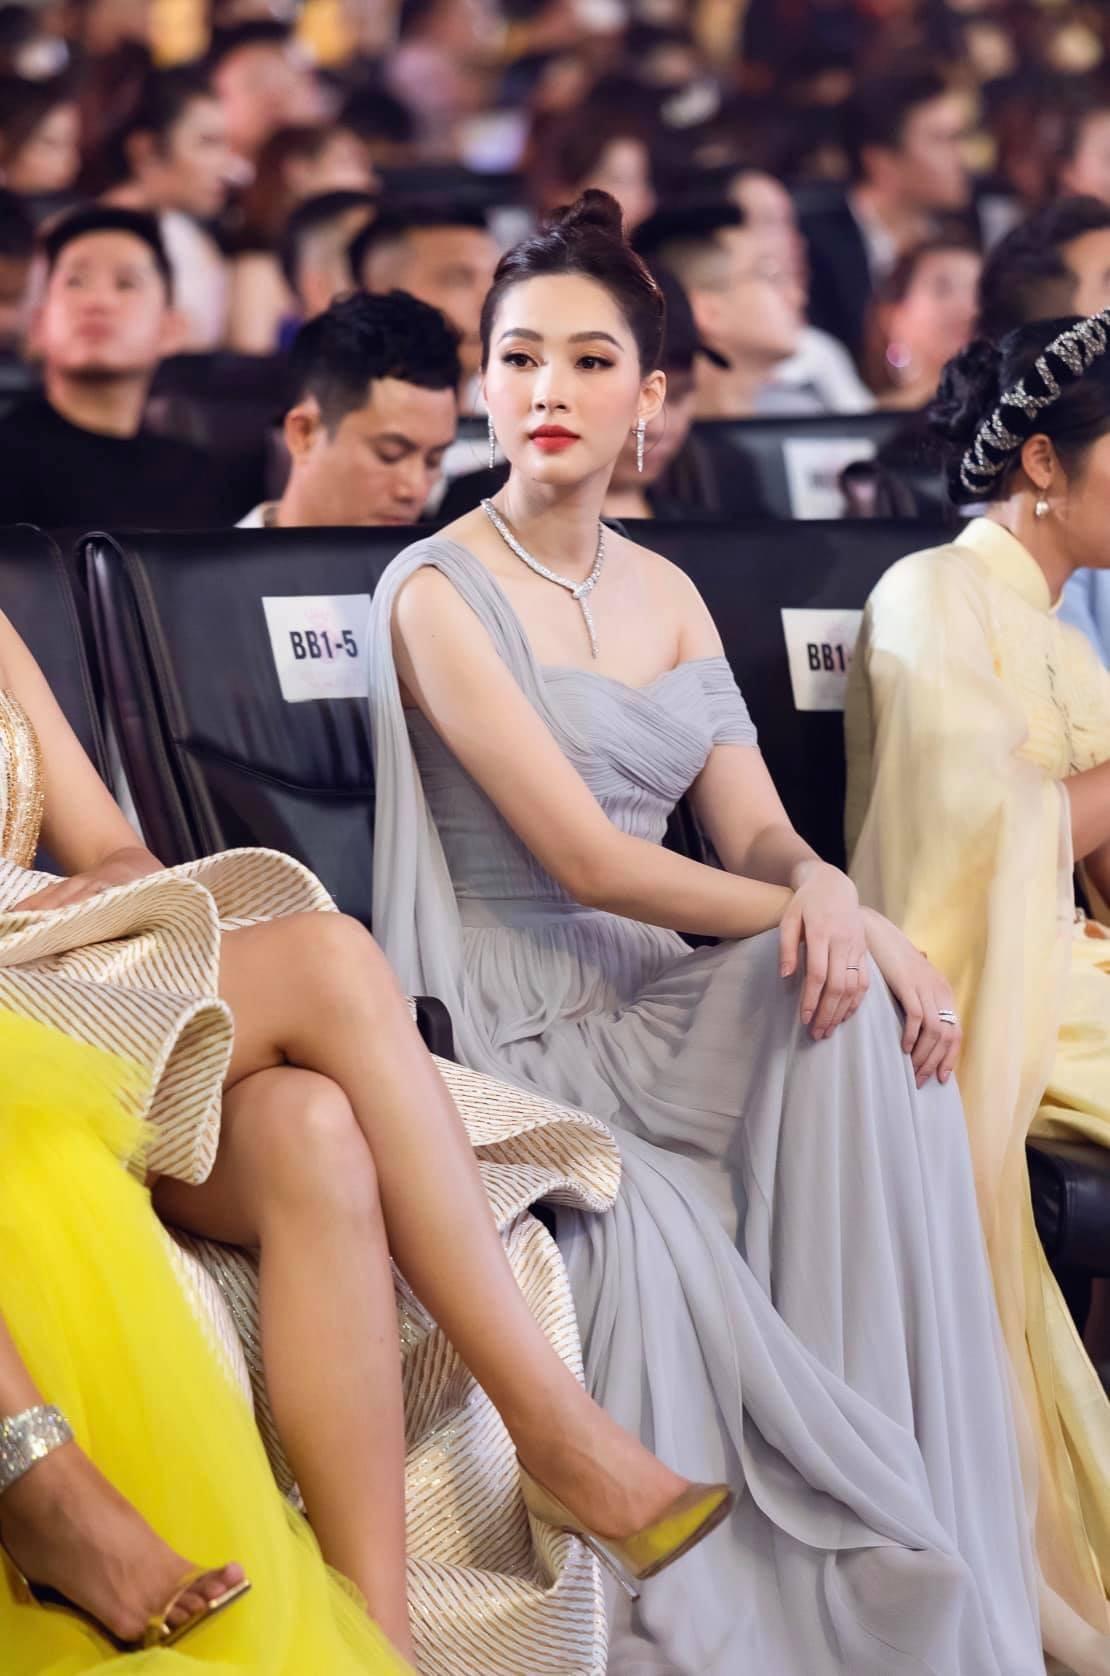 Sắc vóc Hoa hậu Đặng Thu Thảo sau 8 năm đăng quang, làm mẹ 2 con vẫn gây ngưỡng mộ ảnh 1